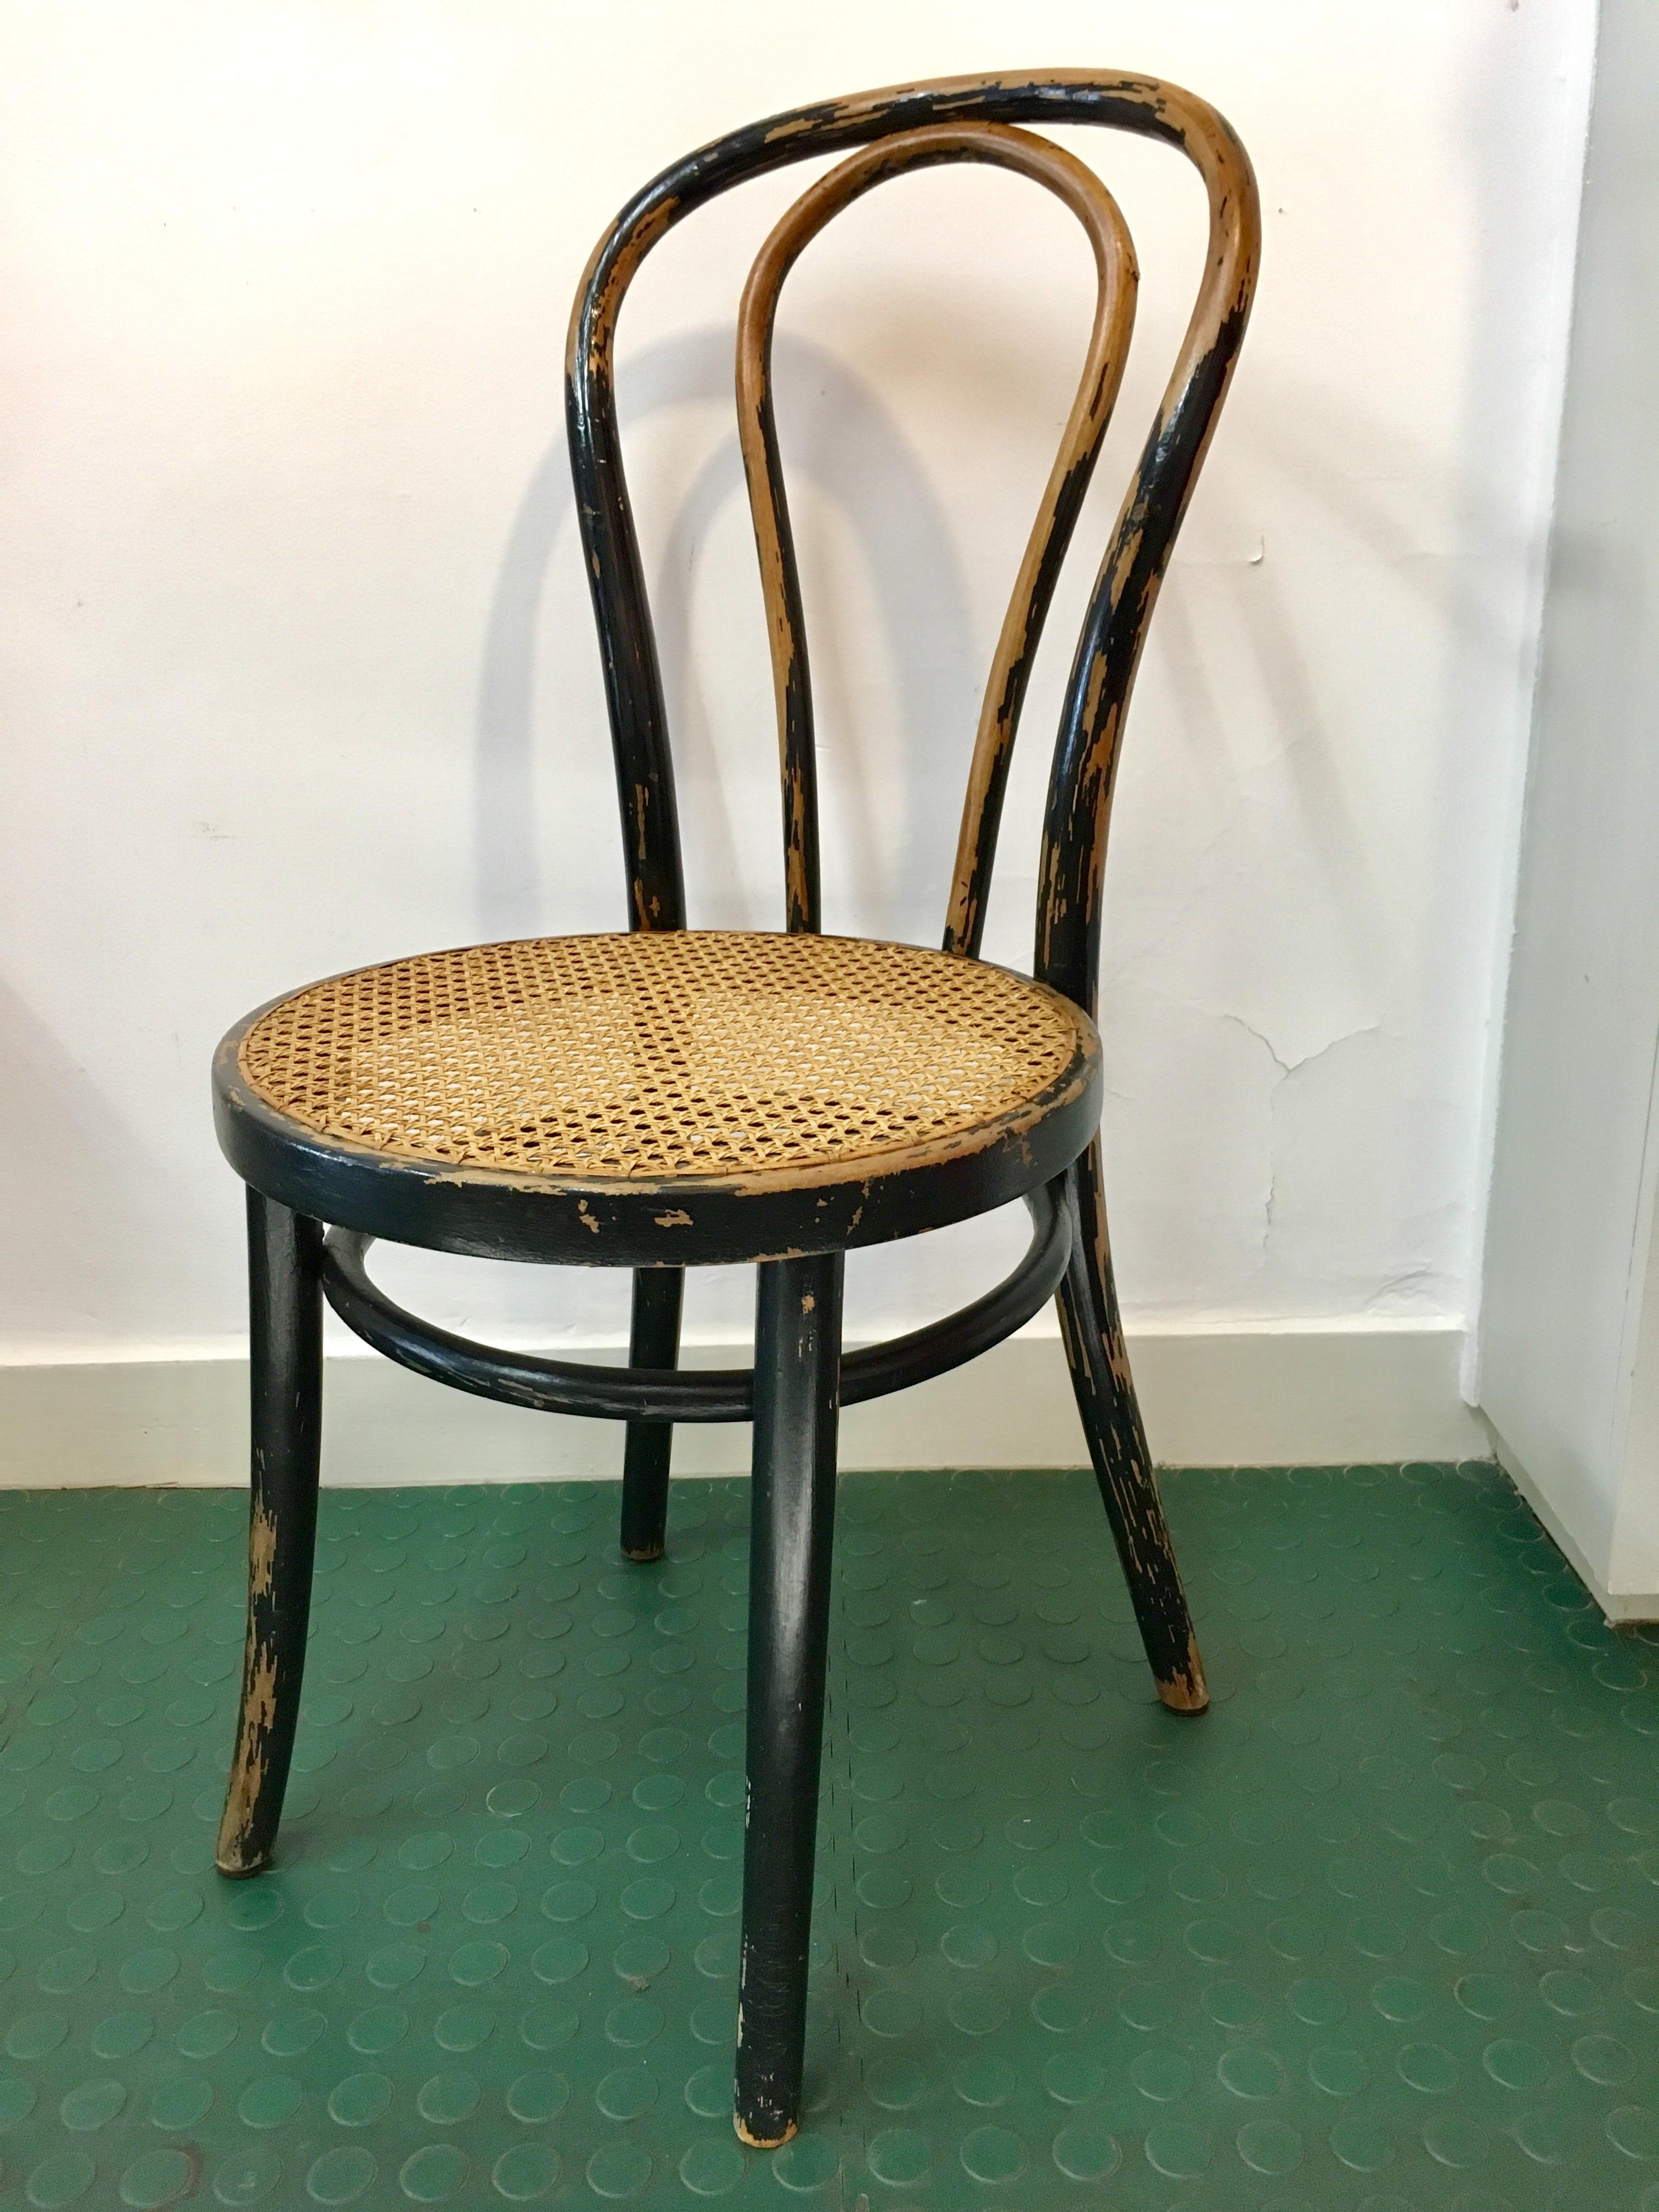 chaise de bistrot cann e noire patin e brocnshop. Black Bedroom Furniture Sets. Home Design Ideas